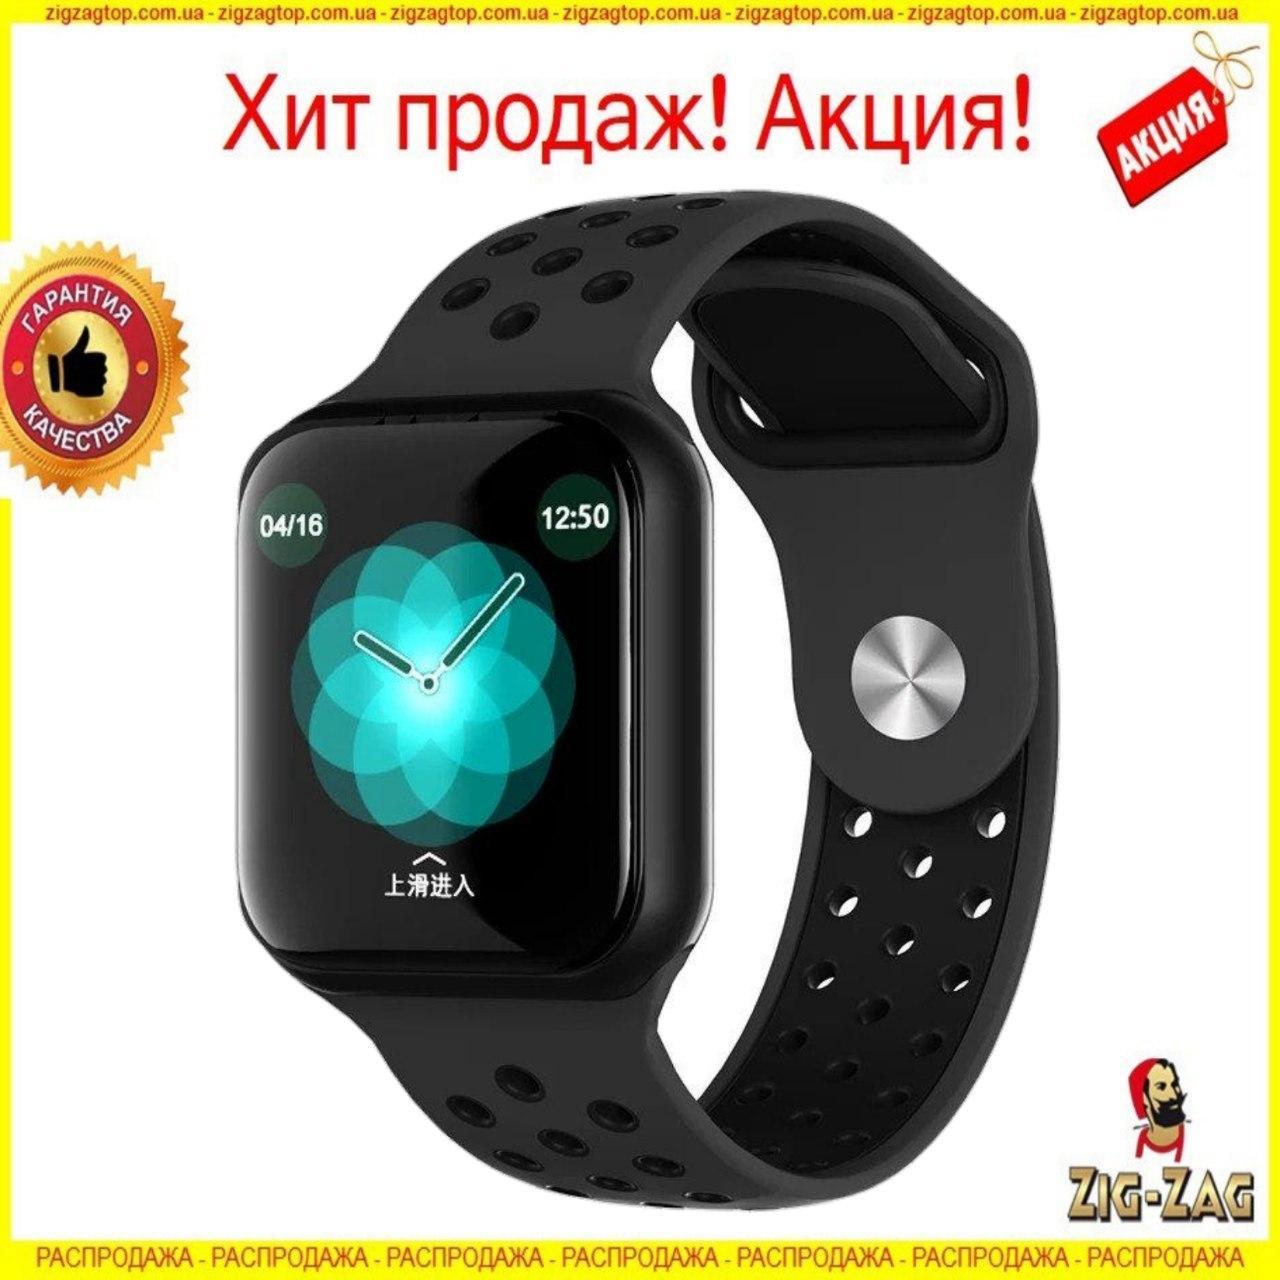 Розумні годинник Smart Watch F8 Смарт Розумний Годинник, гаджет для Андроїд ДЗВІНКІВ годинник-телефон Вотч Сенсорні